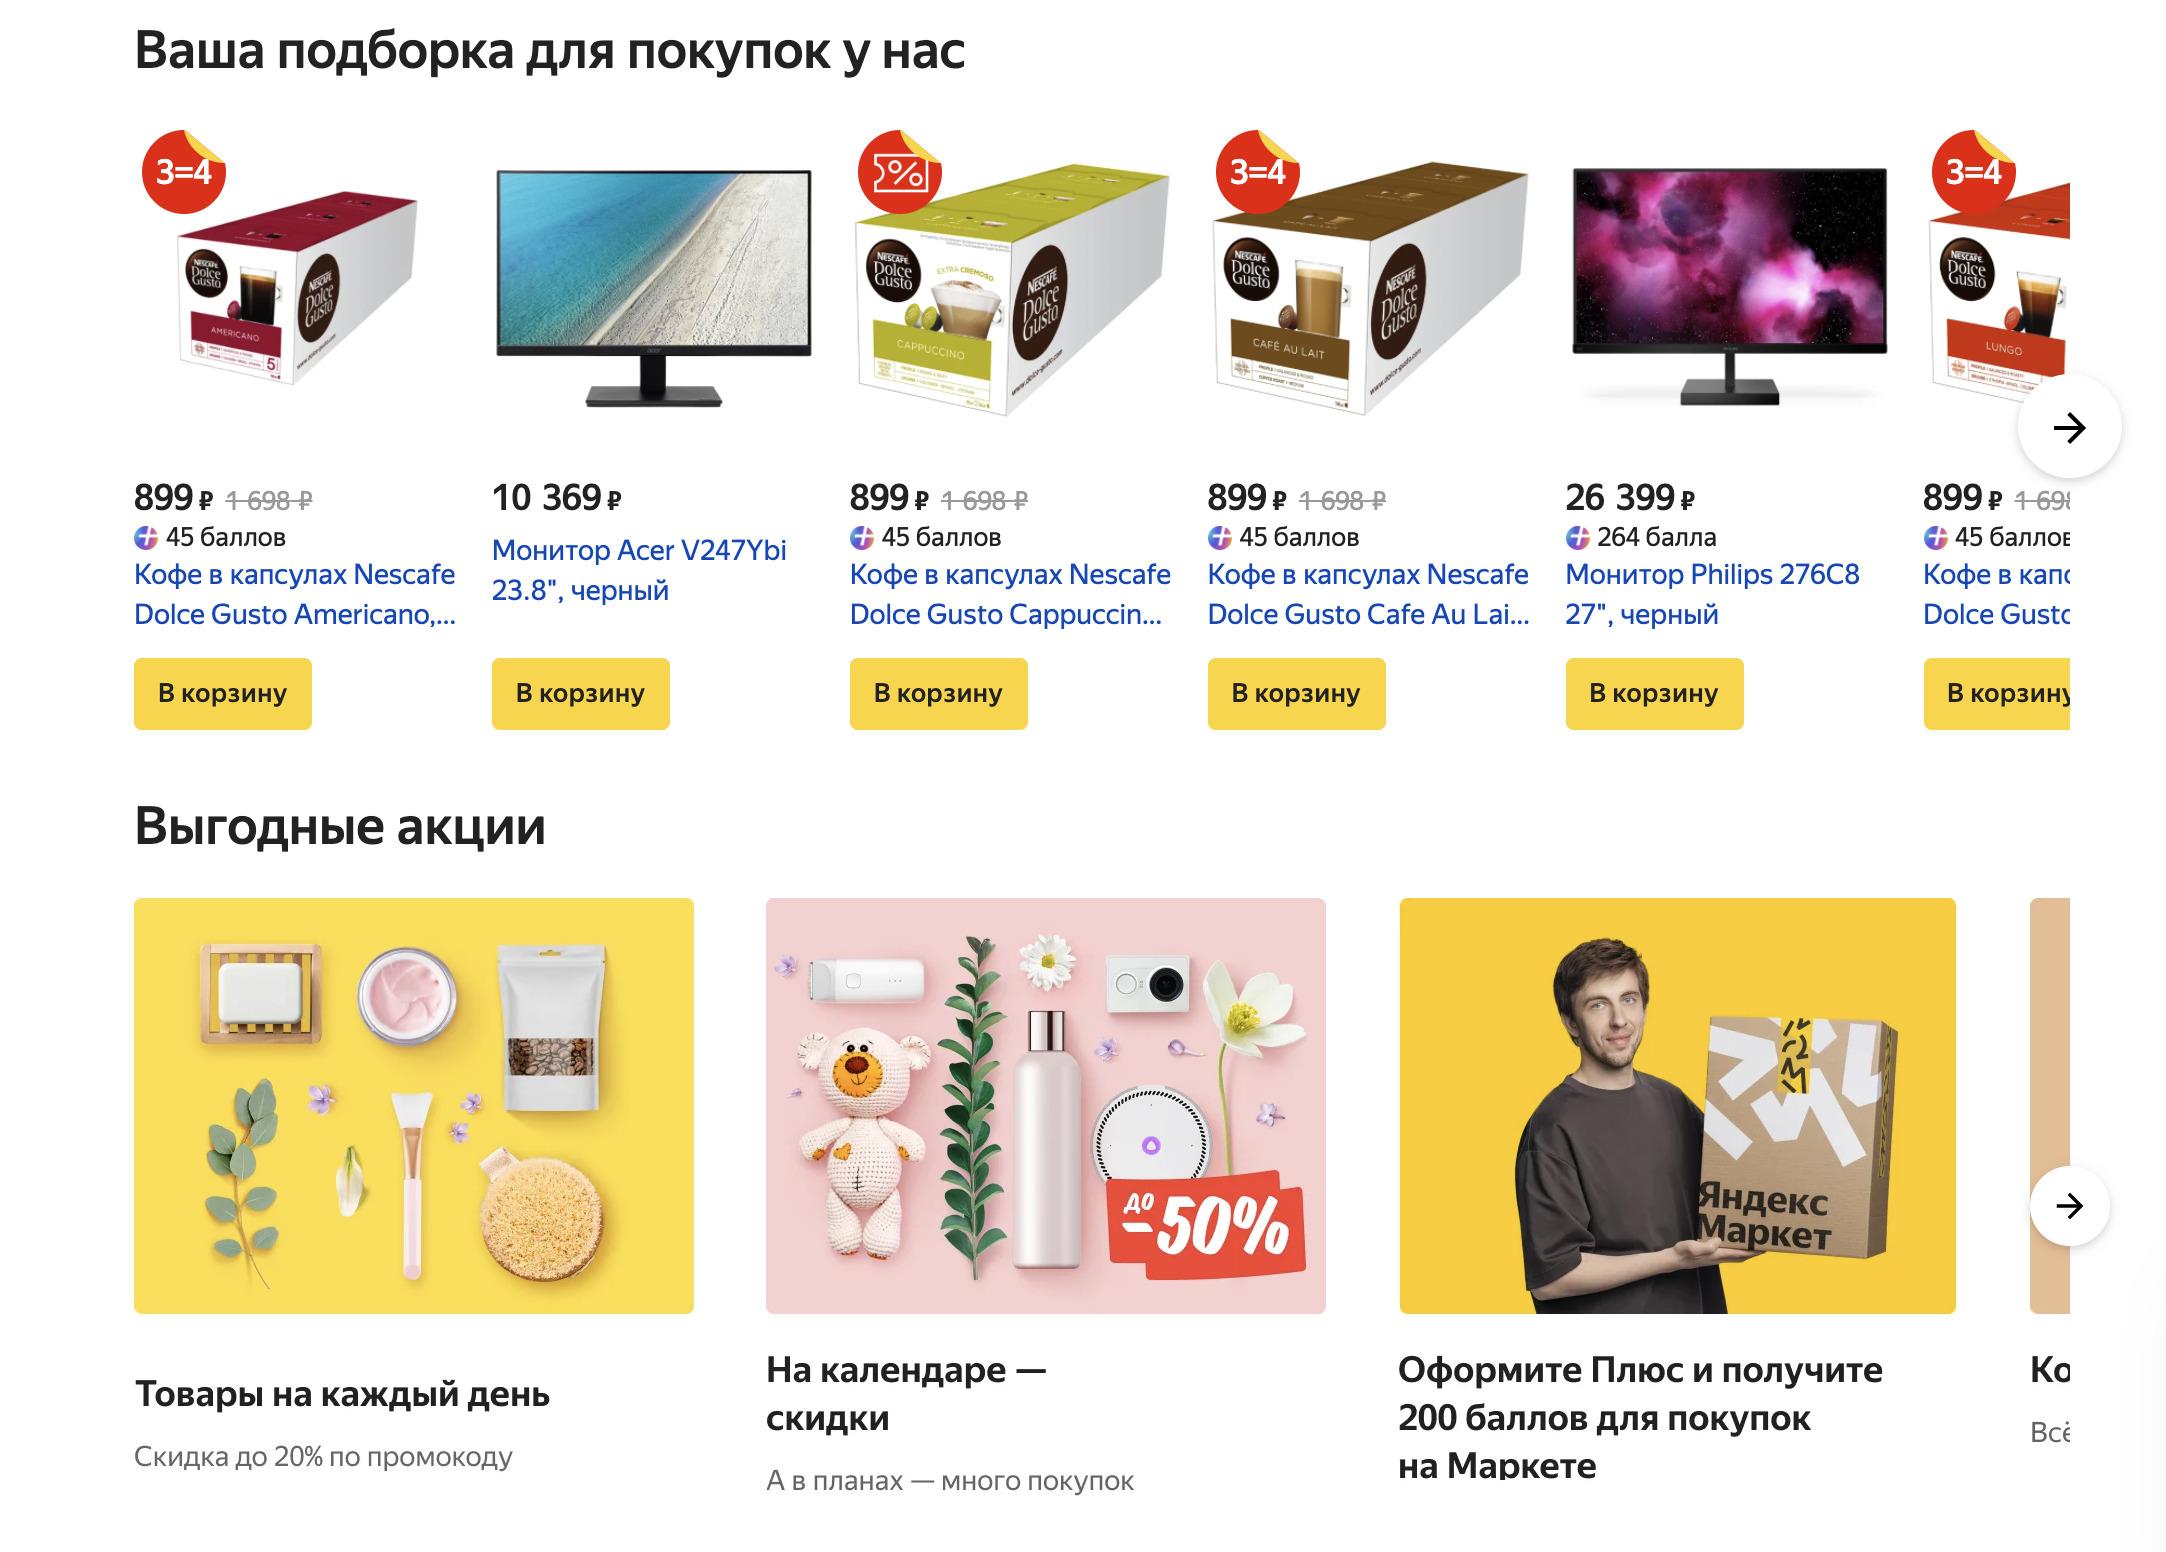 Доставка из Яндекс.Маркет в Сибай, сроки, пункты выдачи, каталог